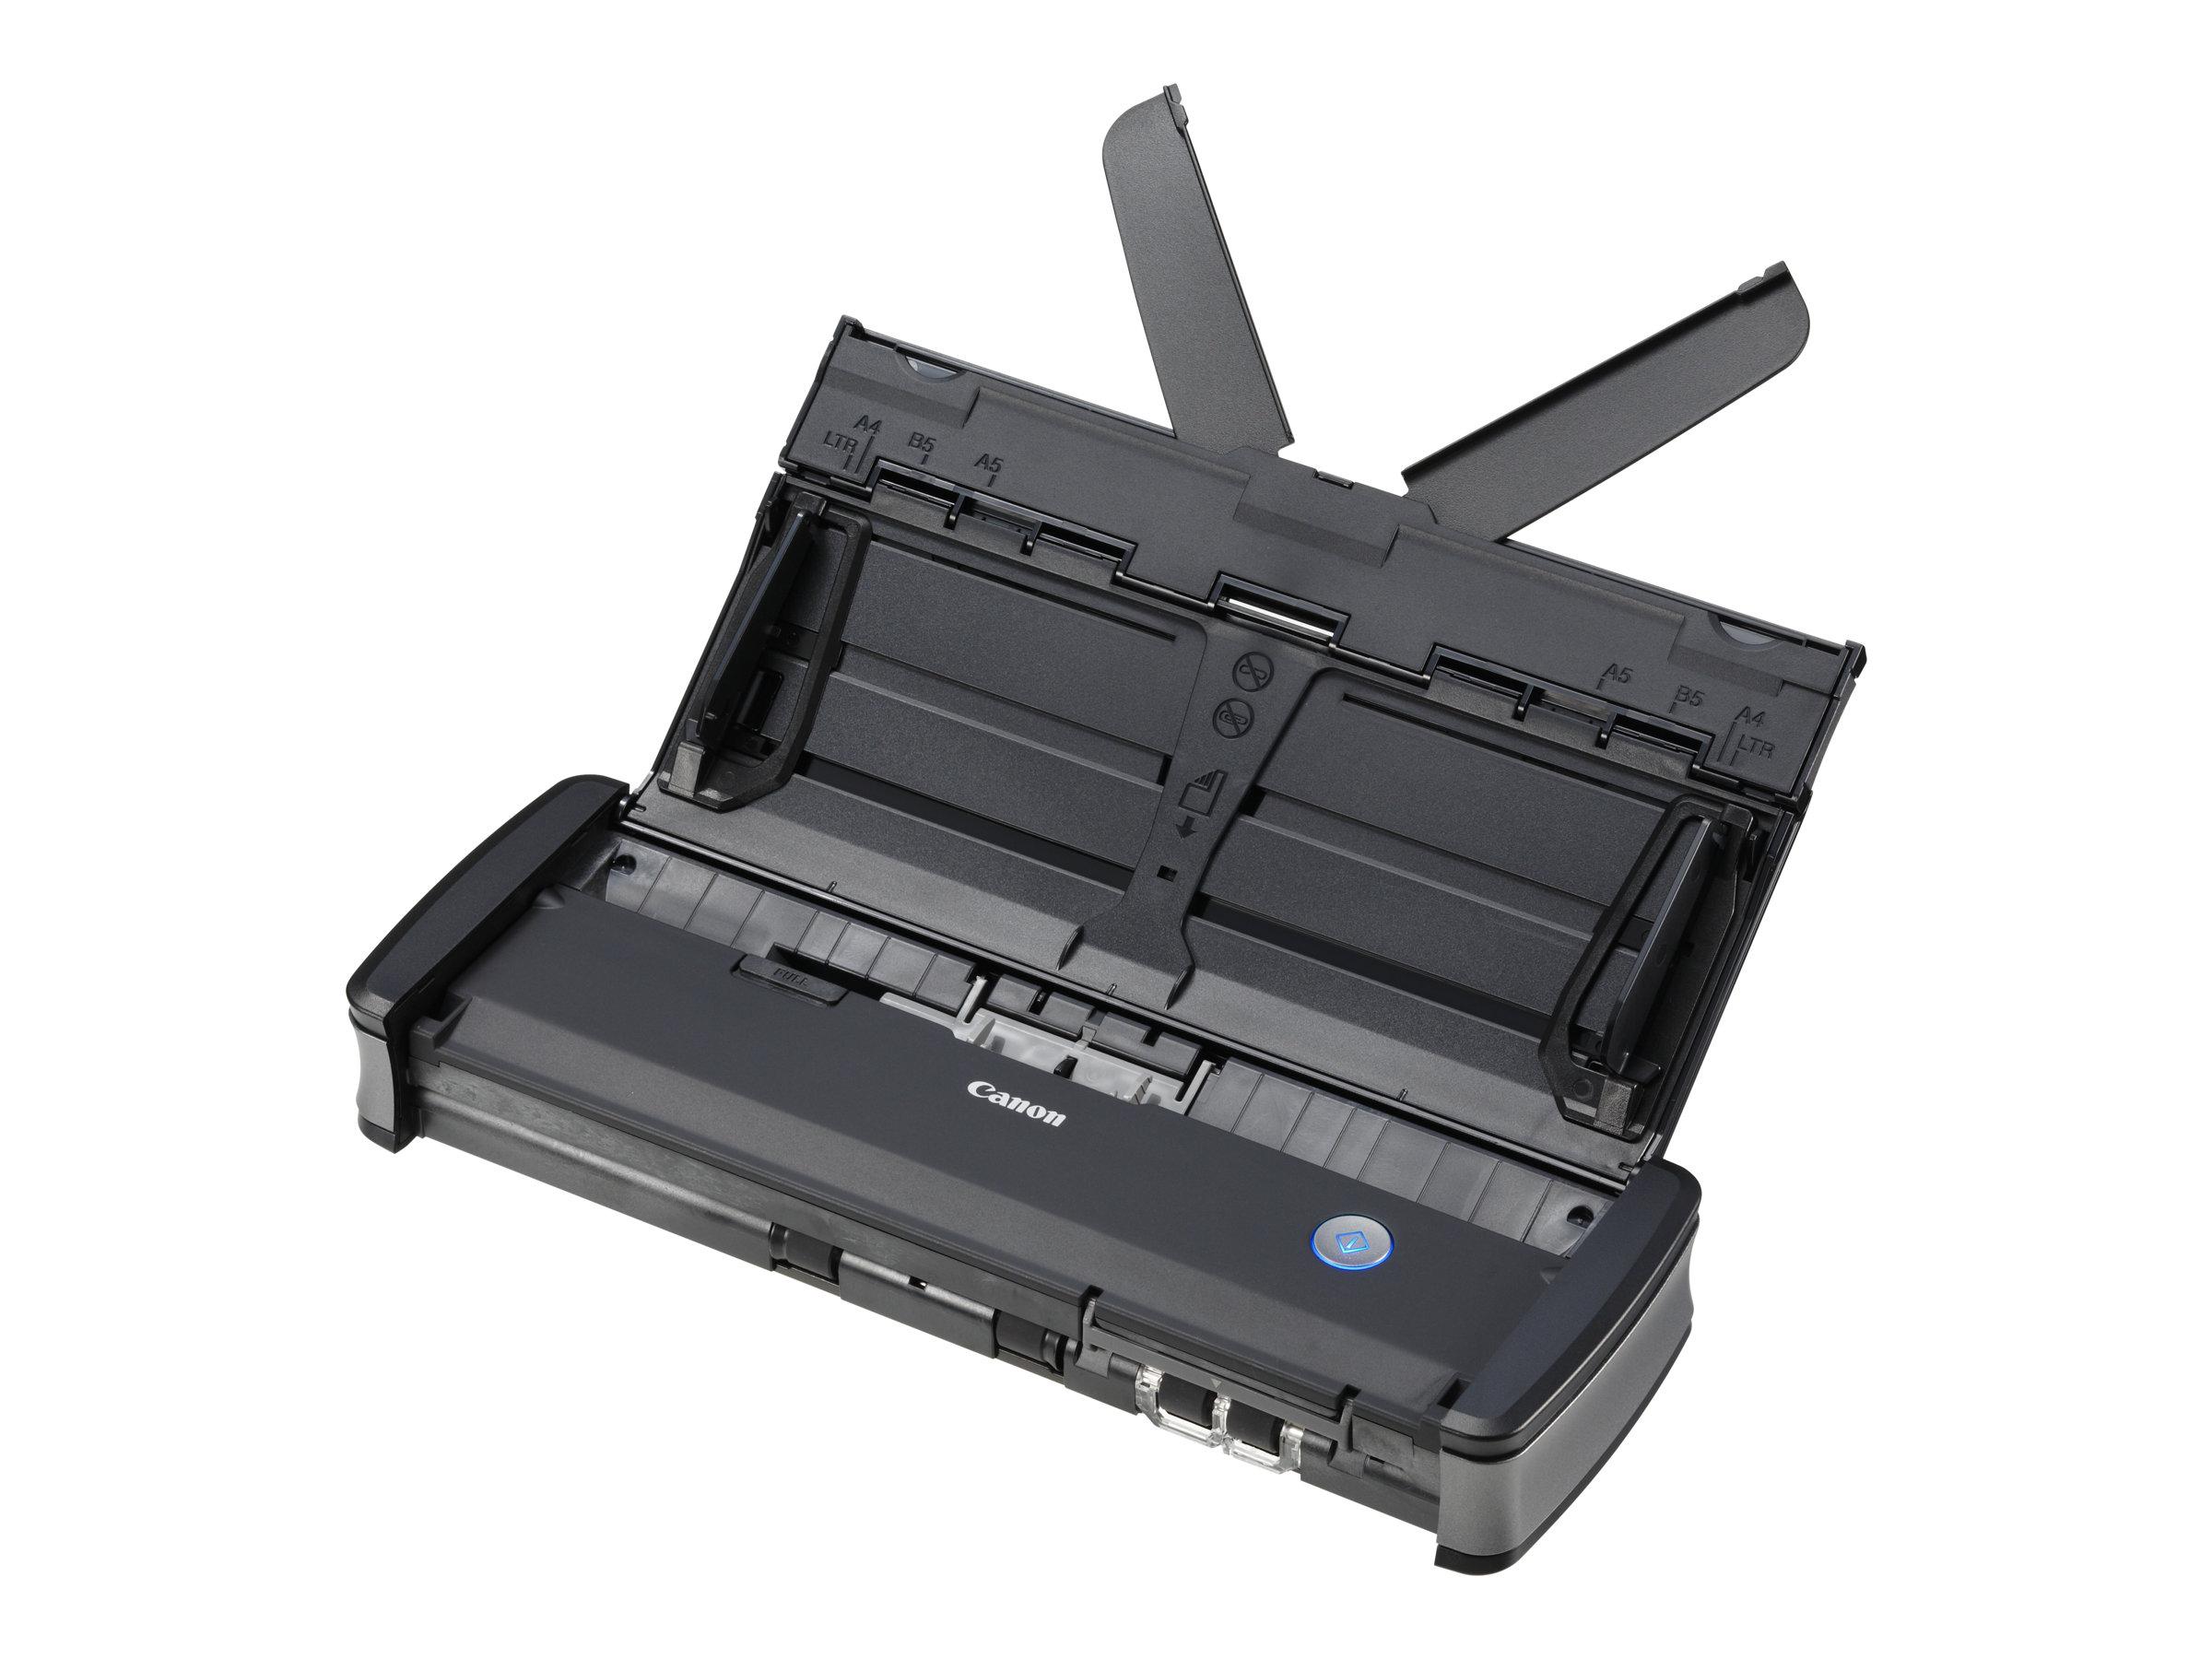 Canon imageFORMULA P-215II - Dokumentenscanner - Duplex - 216 x 1000 mm - 600 dpi x 600 dpi - bis zu 15 Seiten/Min. (einfarbig)